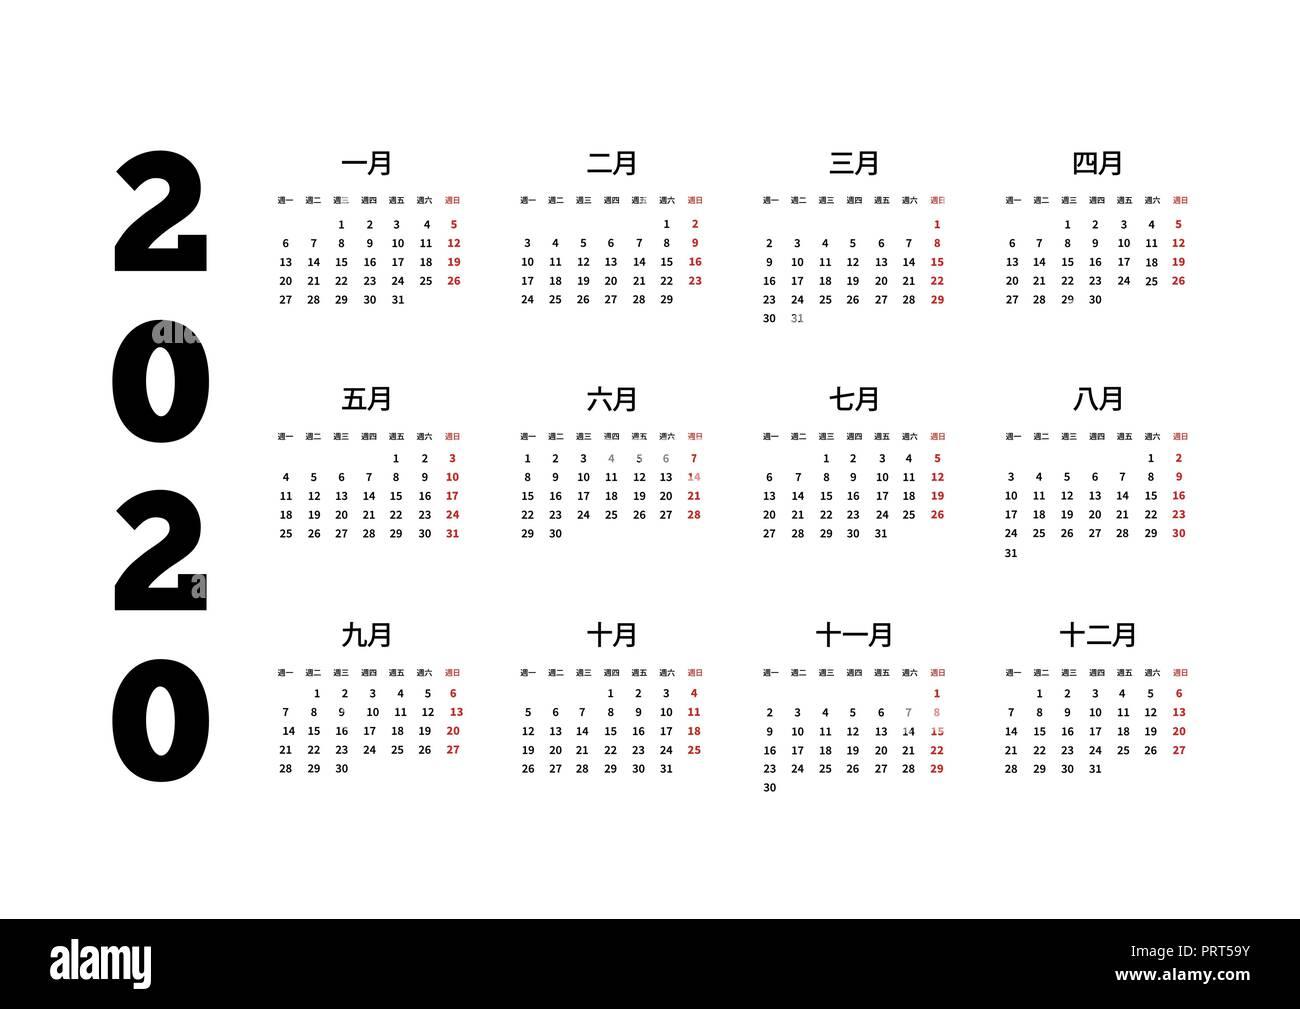 Calendario Cinese 2020.2020 Anno Di Calendario Semplice Sulla Lingua Cinese